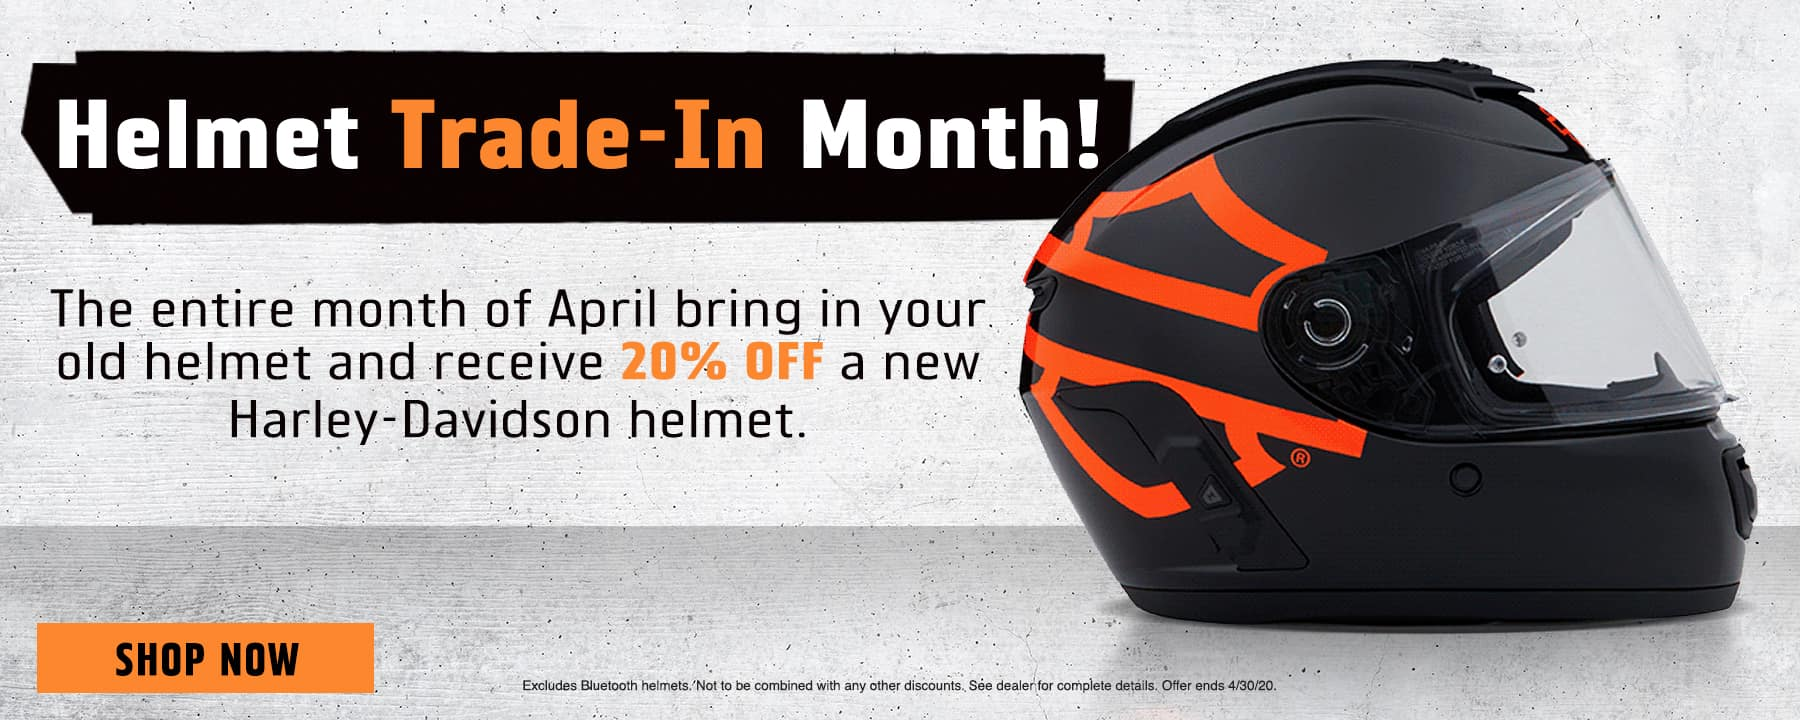 Helmet Trade-In Month!